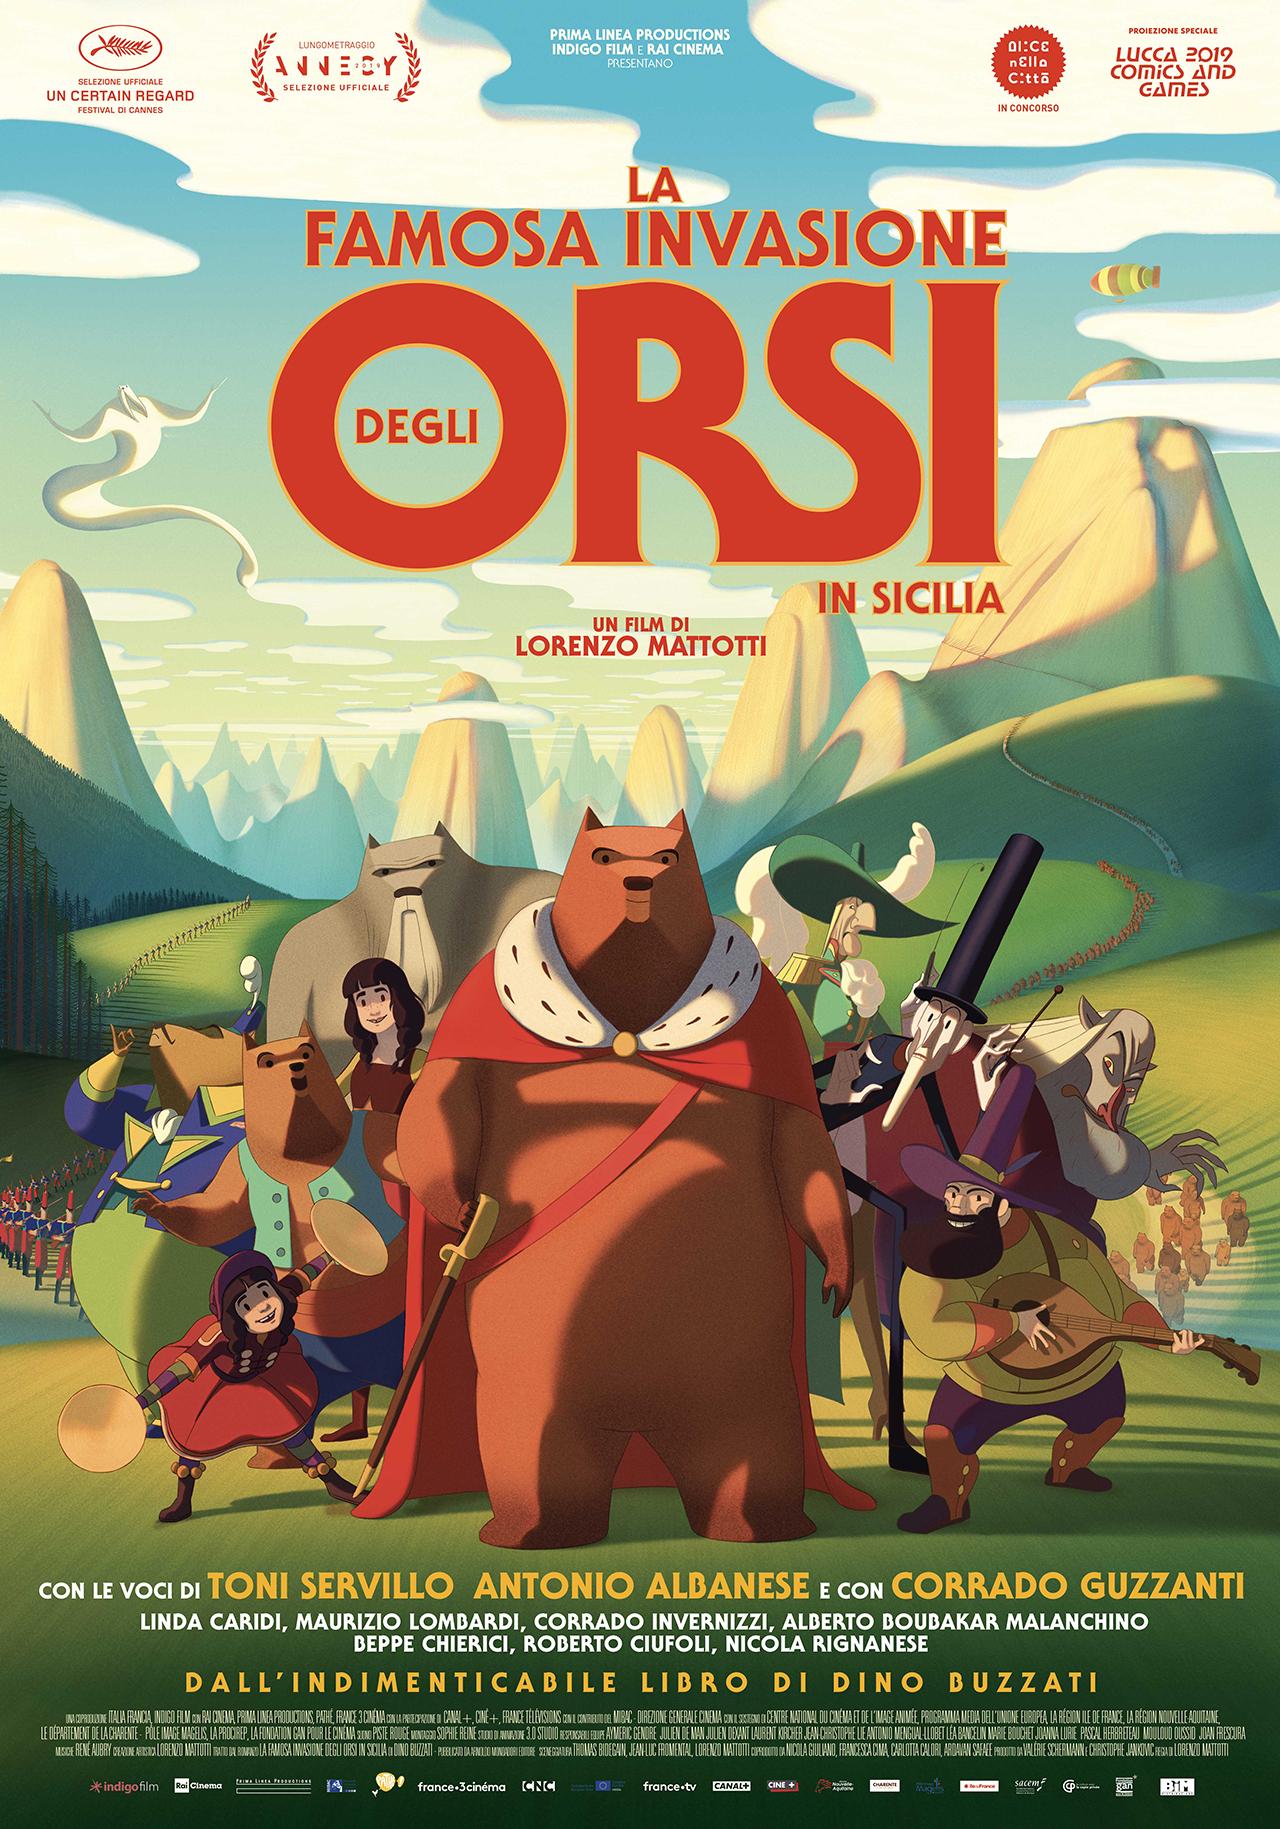 famosa invasione orsi sicilia